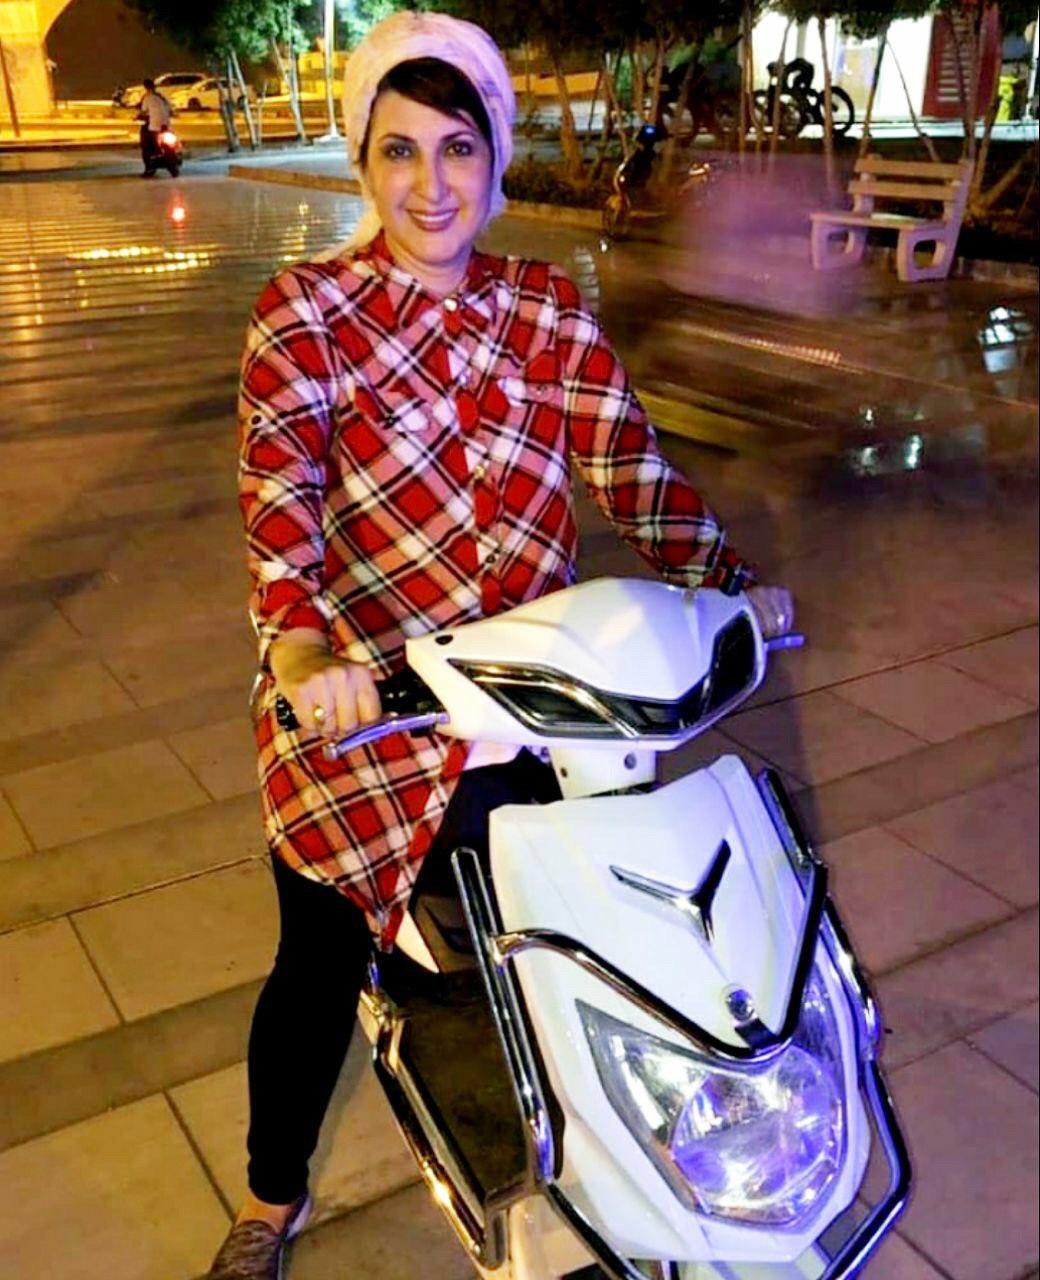 فاطمه گودرزی در حال موتورسواری در خیابان + عکس